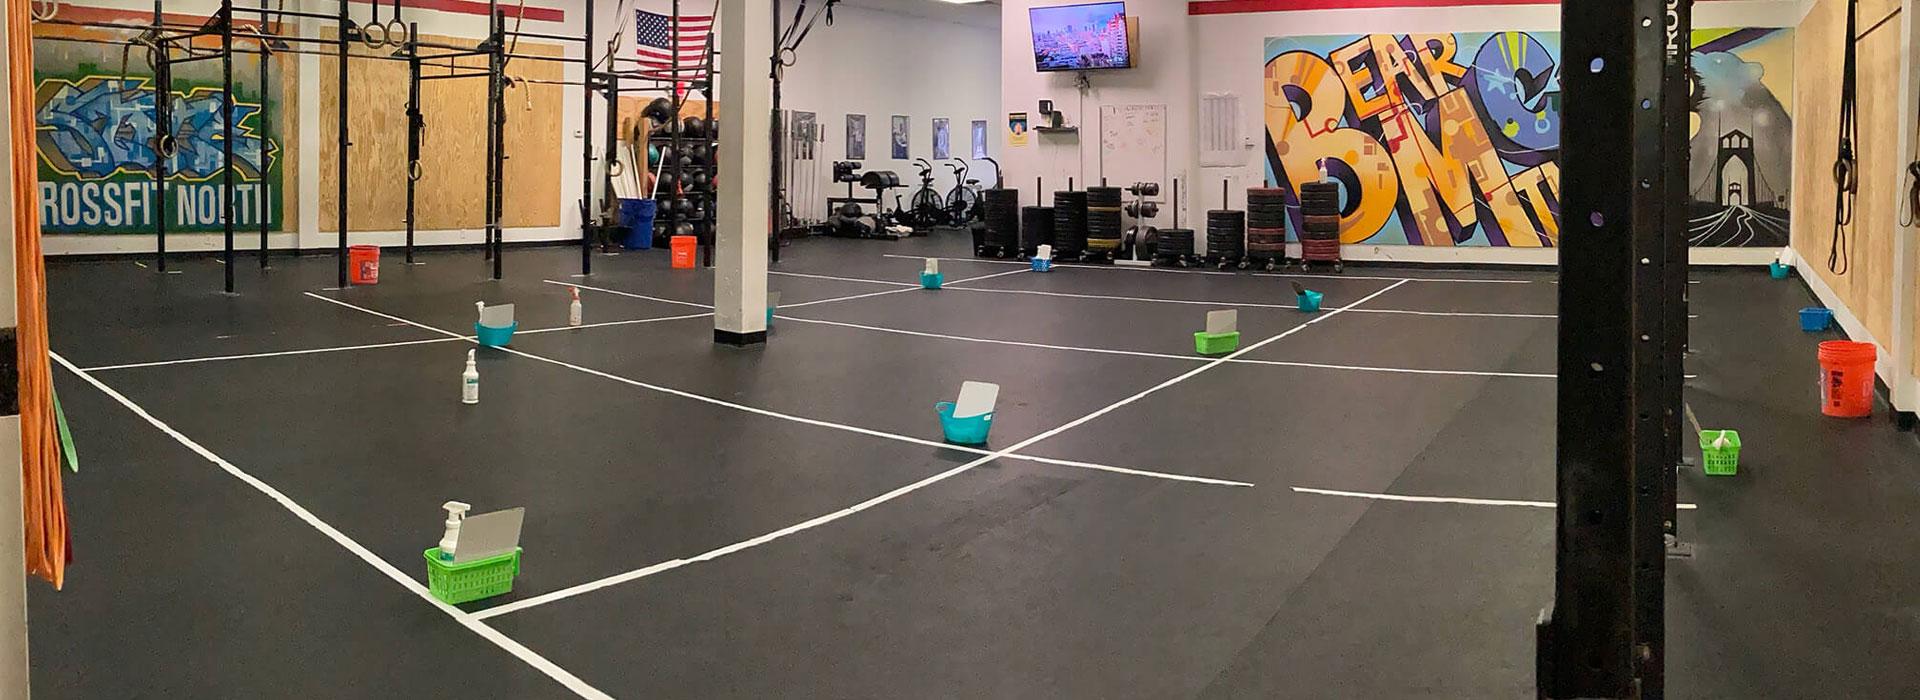 CrossFit Gym in Cortlandt Manor NY, CrossFit Gym near Yorktown Heights NY, CrossFit Gym near Peekskill NY